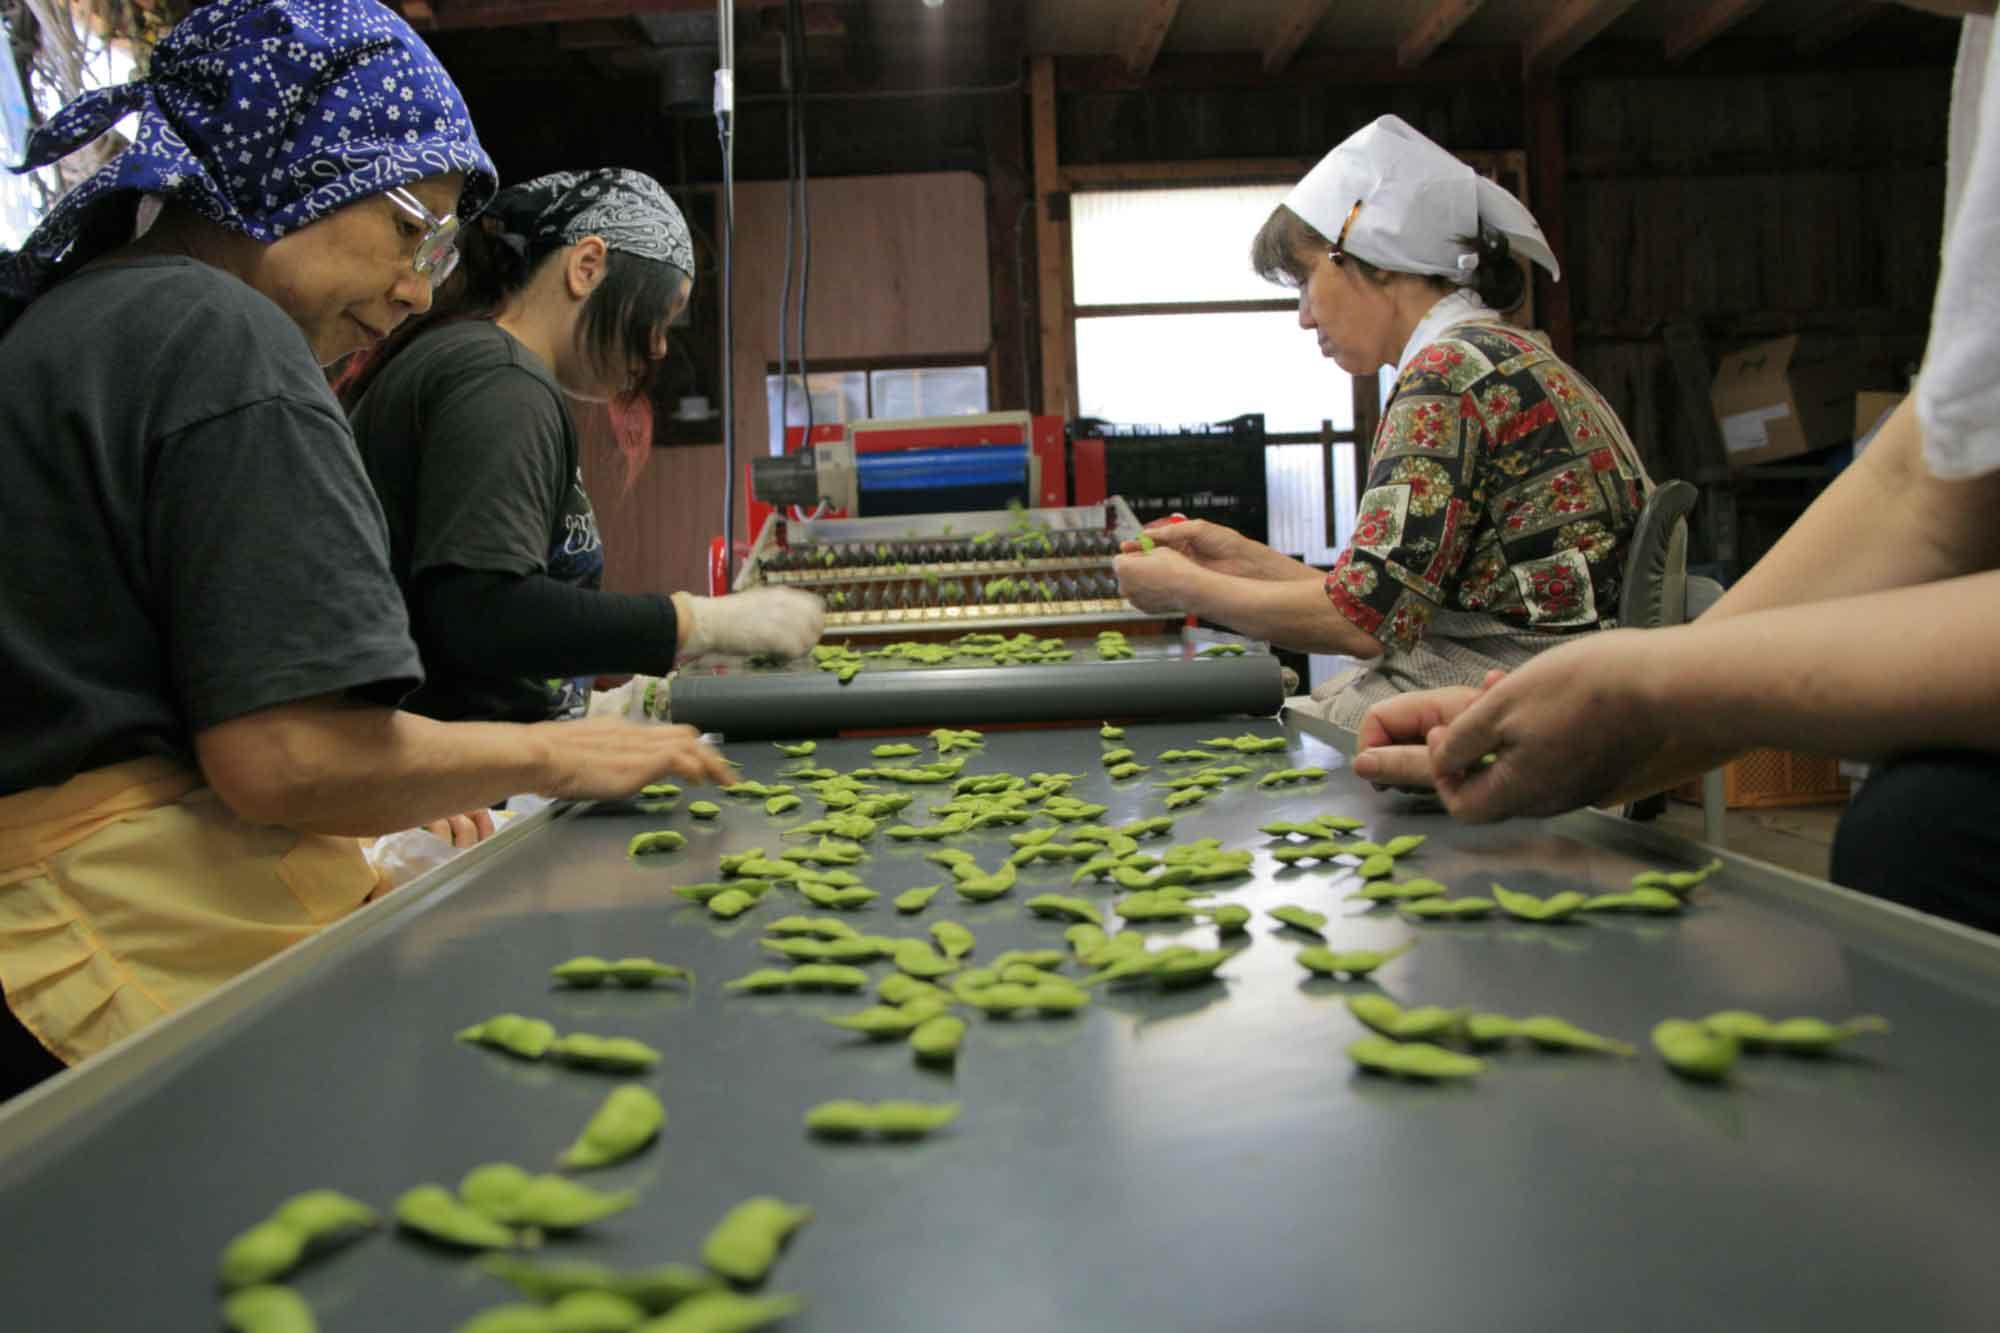 山形県アンテナショップおいしい山形 素材を訪ねて|だだちゃ豆:                 収穫しただだちゃ豆を丁寧に選別。このひと手間が安定した品質へとつながっています。